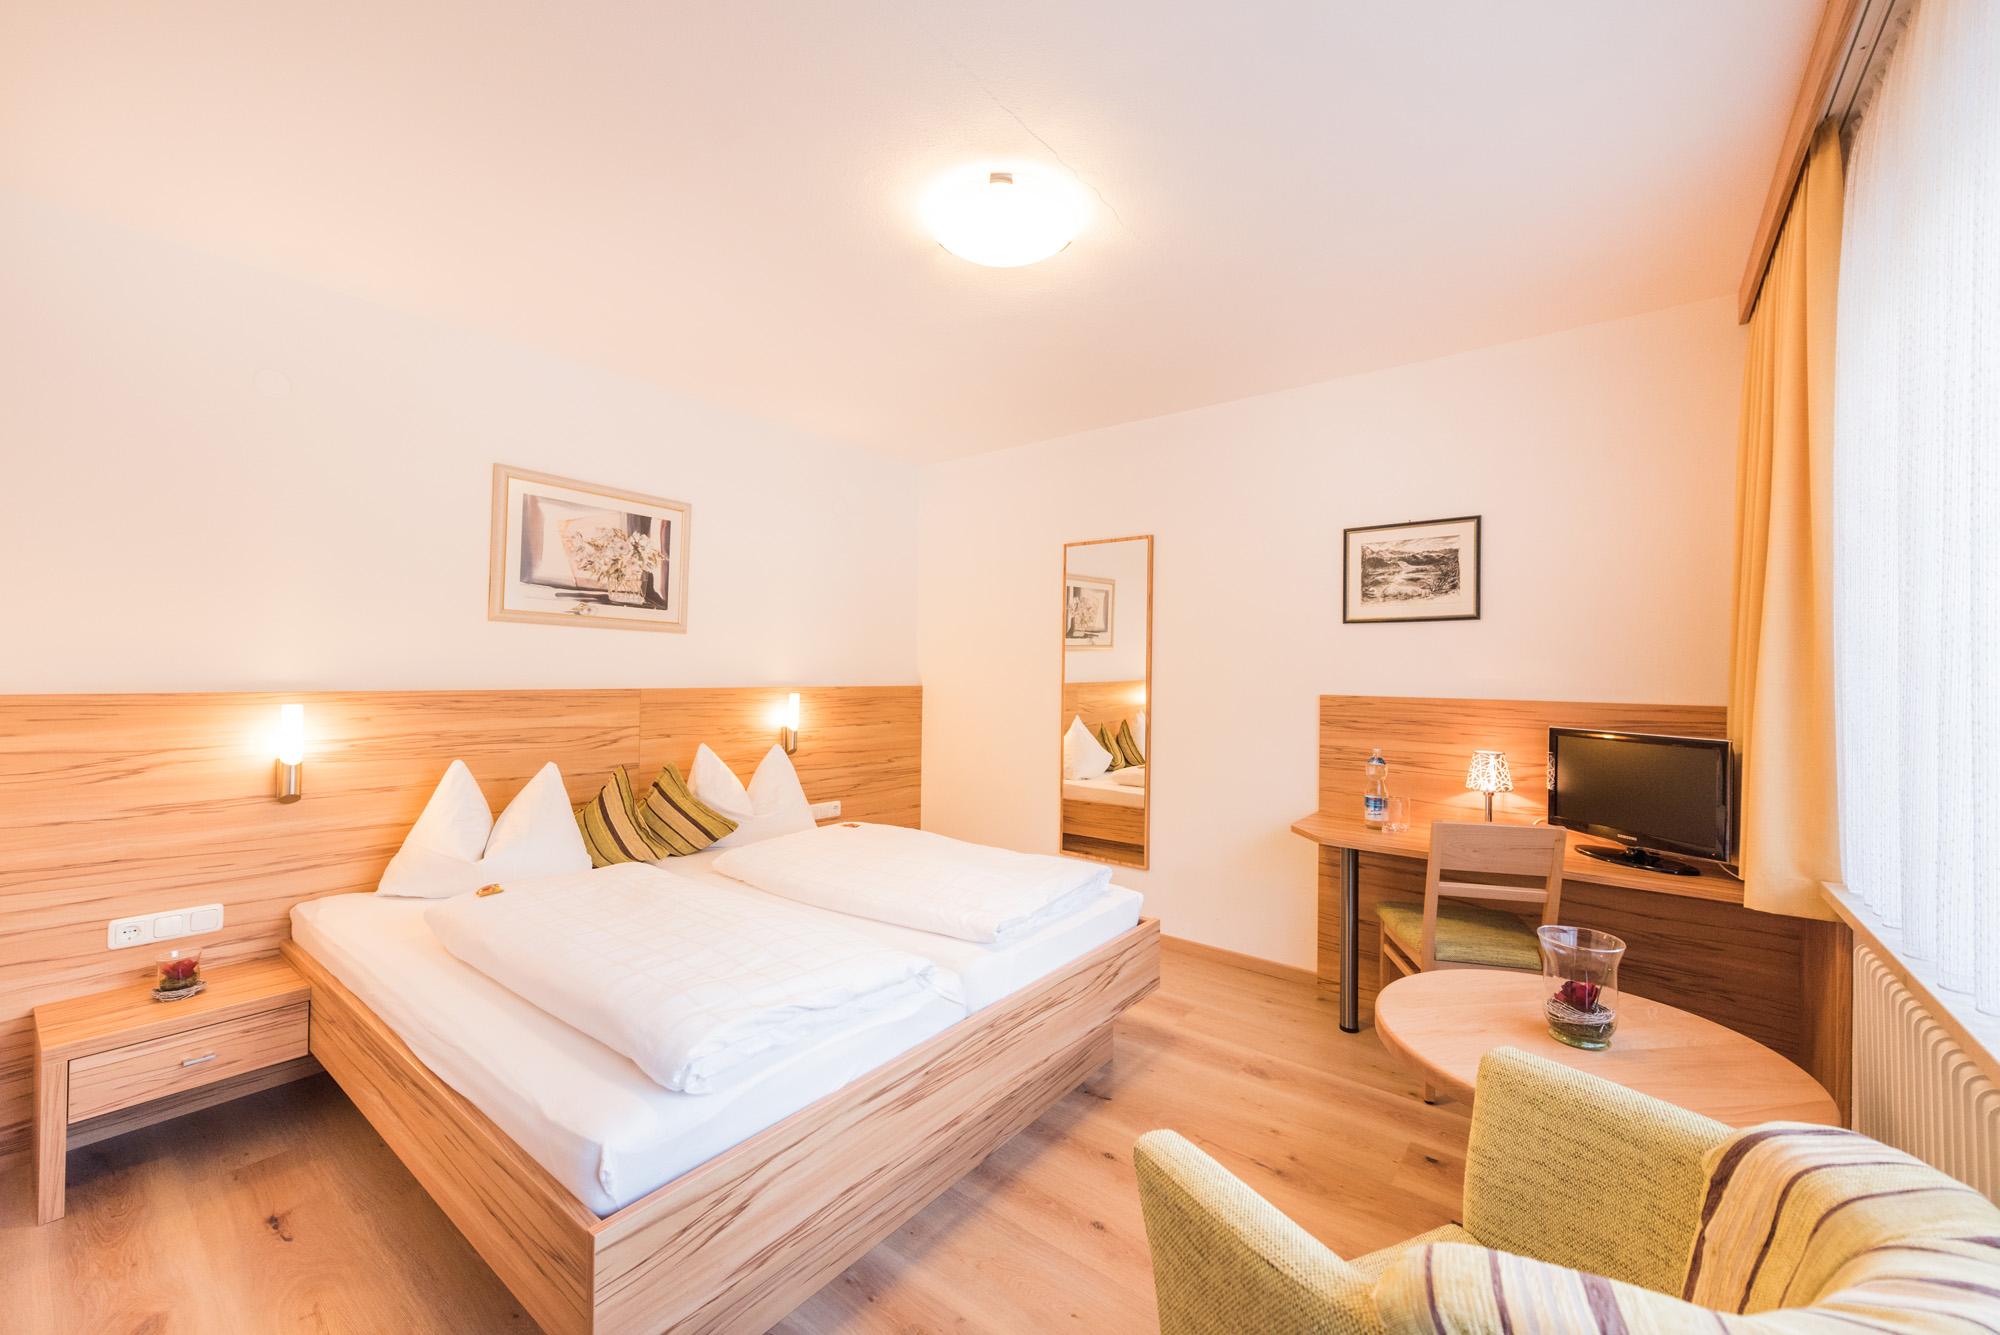 schlafzimmer einrichten hotel ikea flanell bettw sche schlafzimmer ideen rot coral fleece stern. Black Bedroom Furniture Sets. Home Design Ideas